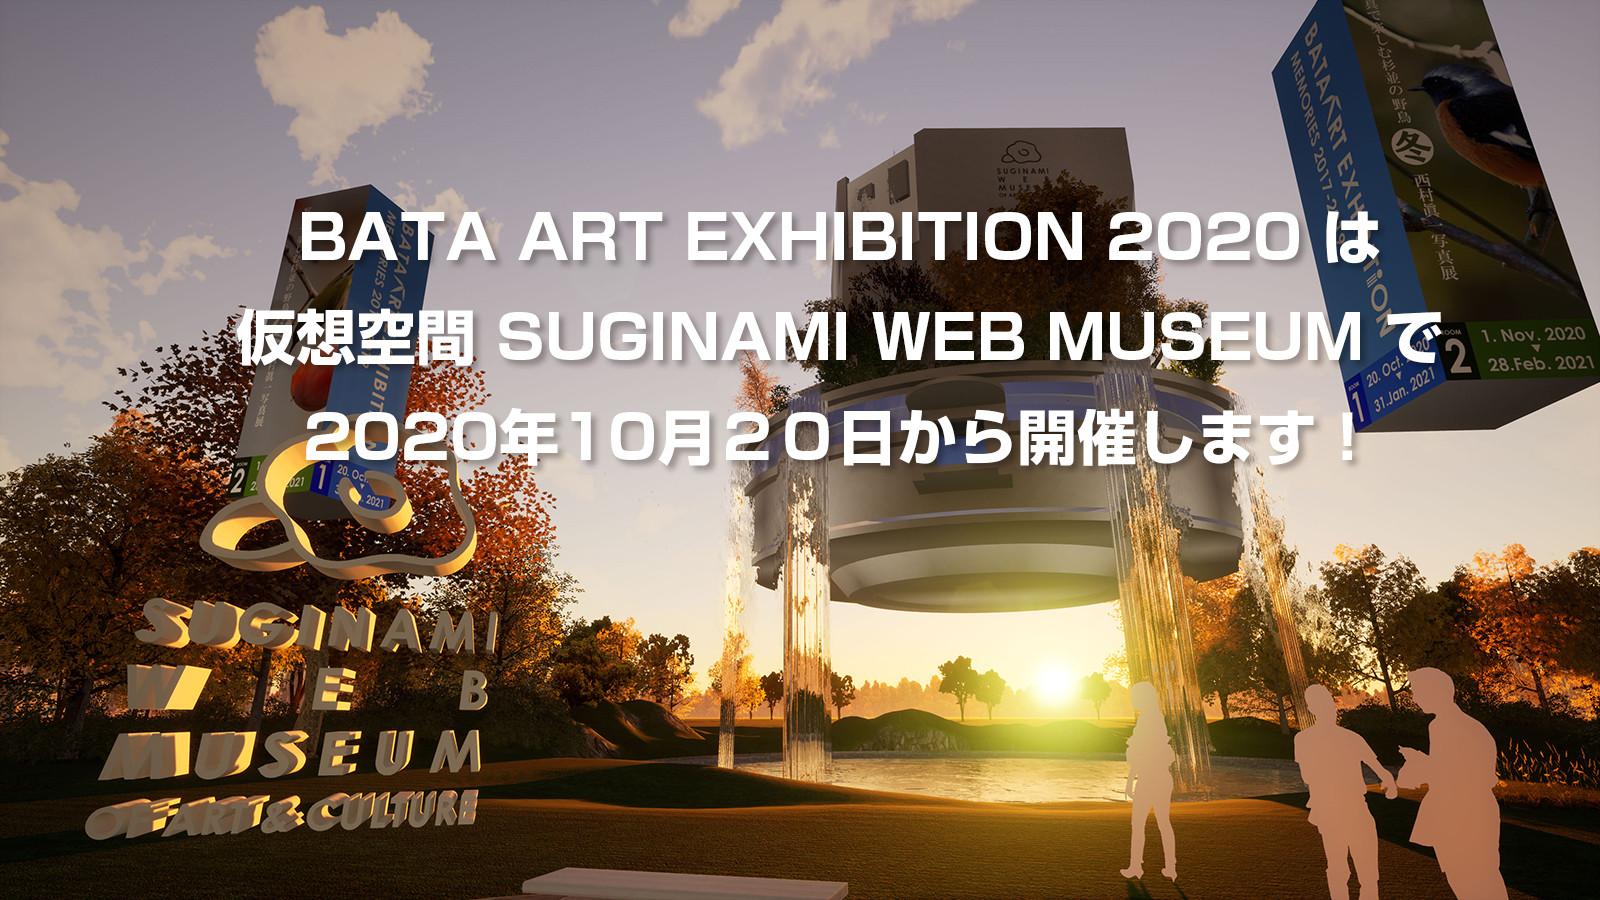 SUGINAMI WEB MUSEUM